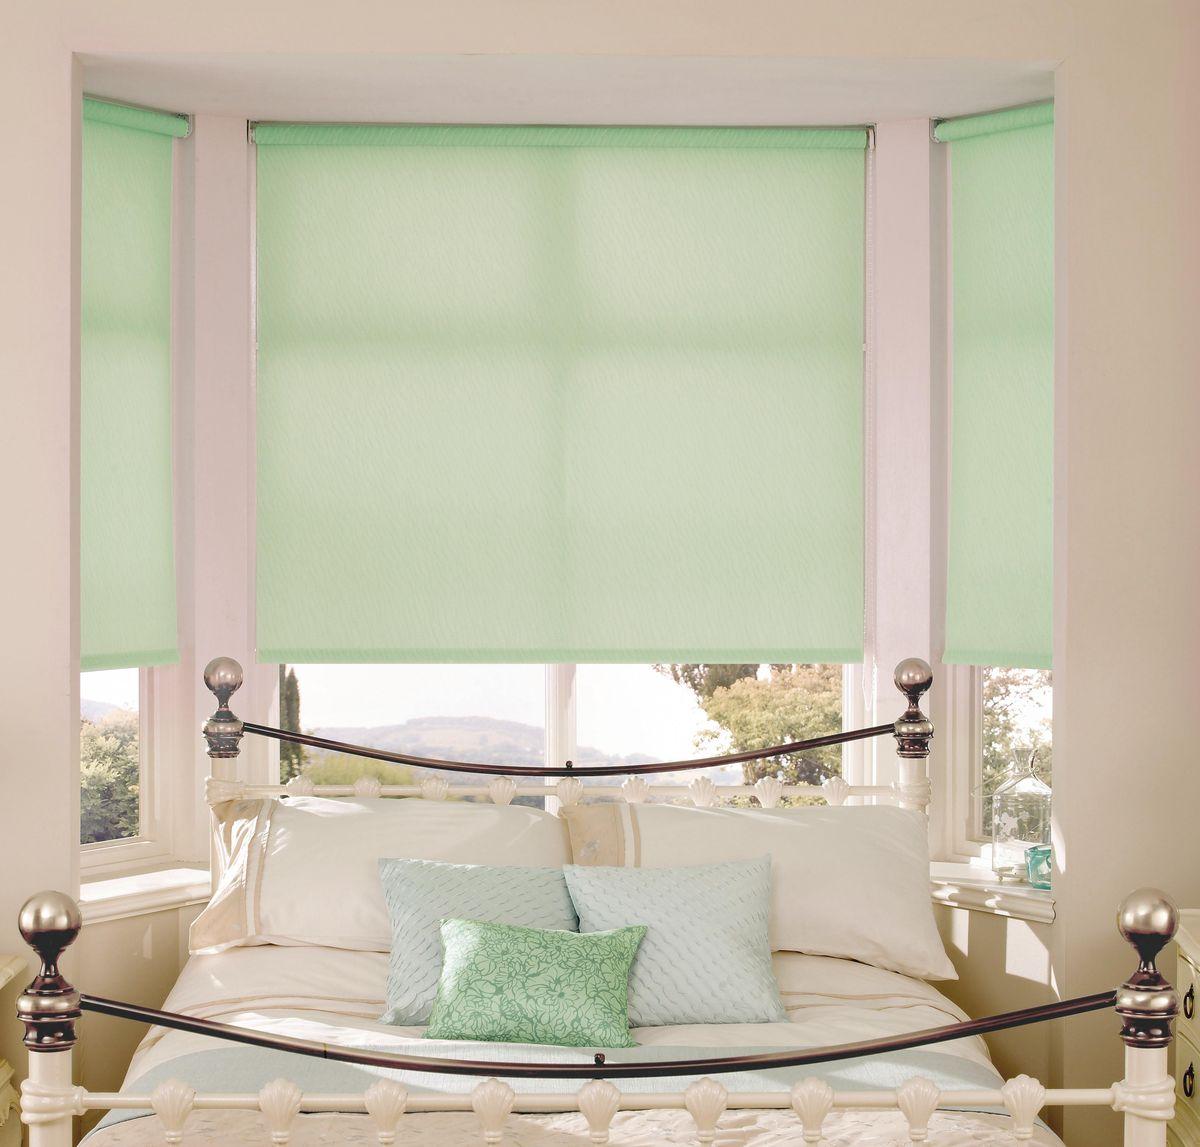 Штора рулонная Эскар, цвет: светло-зеленый, ширина 172 см, высота 170 см81017172170Рулонными шторами можно оформлять окна как самостоятельно, так и использовать в комбинации с портьерами. Это поможет предотвратить выгорание дорогой ткани на солнце и соединит функционал рулонных с красотой навесных. Преимущества применения рулонных штор для пластиковых окон: - имеют прекрасный внешний вид: многообразие и фактурность материала изделия отлично смотрятся в любом интерьере; - многофункциональны: есть возможность подобрать шторы способные эффективно защитить комнату от солнца, при этом она не будет слишком темной. - Есть возможность осуществить быстрый монтаж. ВНИМАНИЕ! Размеры ширины изделия указаны по ширине ткани! Во время эксплуатации не рекомендуется полностью разматывать рулон, чтобы не оторвать ткань от намоточного вала. В случае загрязнения поверхности ткани, чистку шторы проводят одним из способов, в зависимости от типа загрязнения: легкое поверхностное загрязнение можно удалить при помощи канцелярского ластика; чистка от пыли производится сухим методом при...